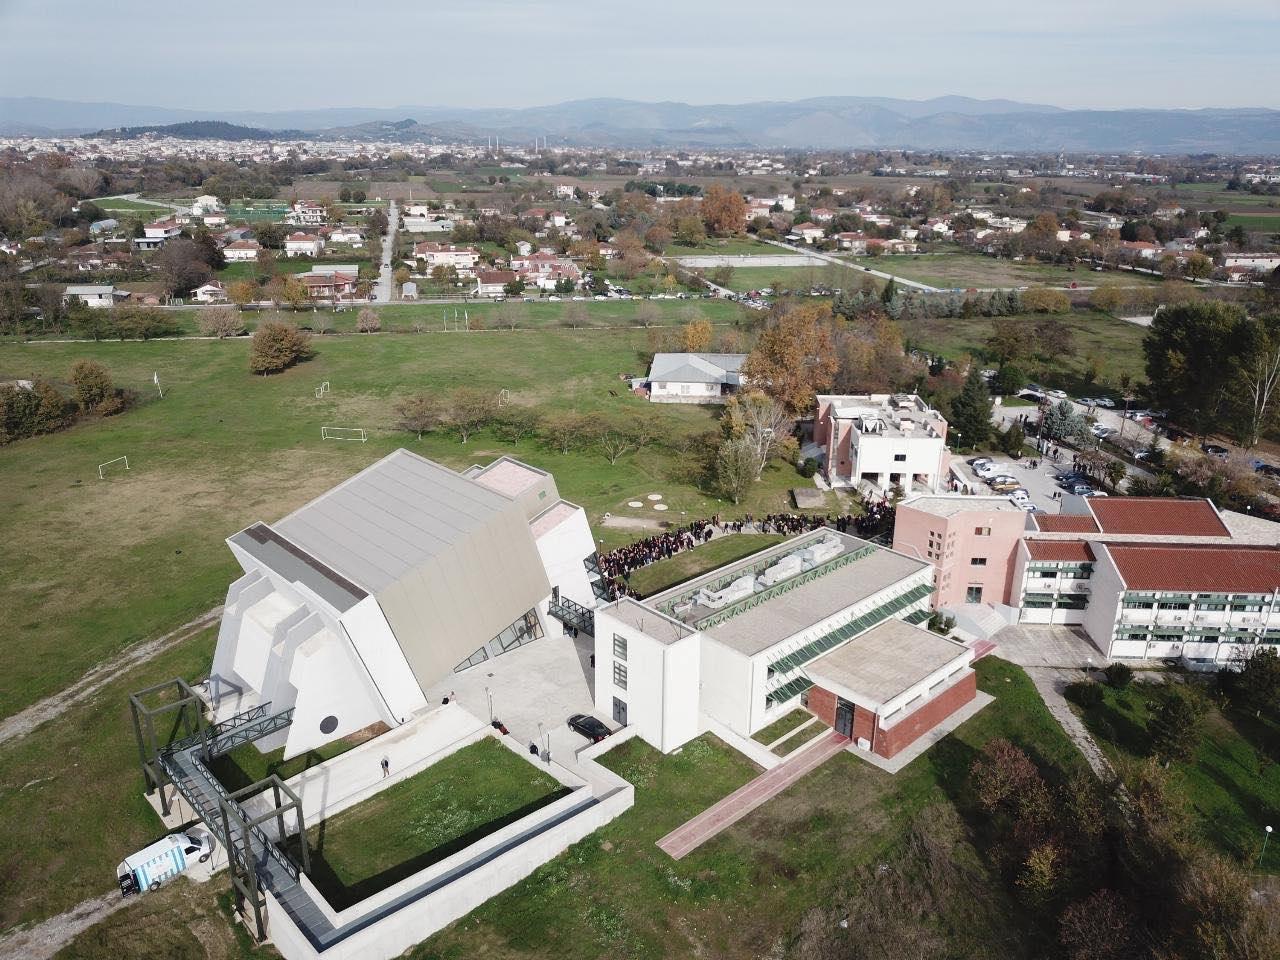 Νέο κτίριο στα ΤΕΦΑΑ με συνεργασία Δήμου Τρικκαίων – Πανεπιστημίου Θεσσαλίας